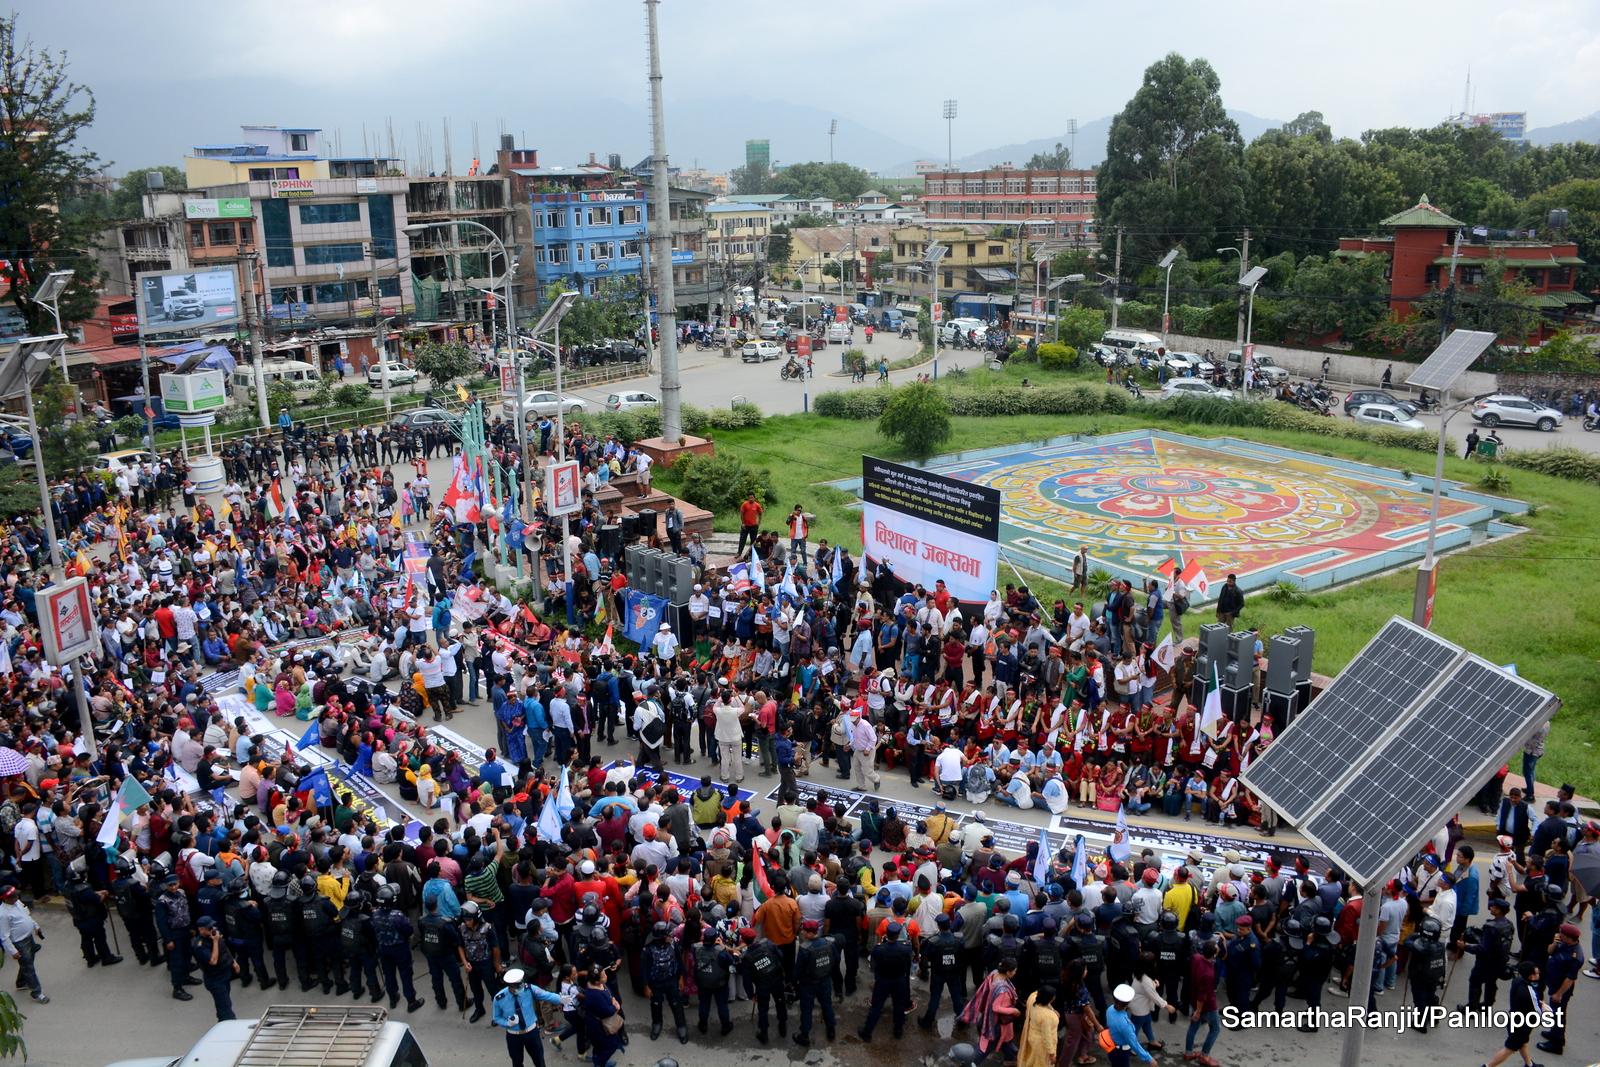 लोकसेवा विज्ञापन खारेजीको माग गर्दै माइतीघरमा वृहत विरोध र्याली, हेर्नुस फोटोमा